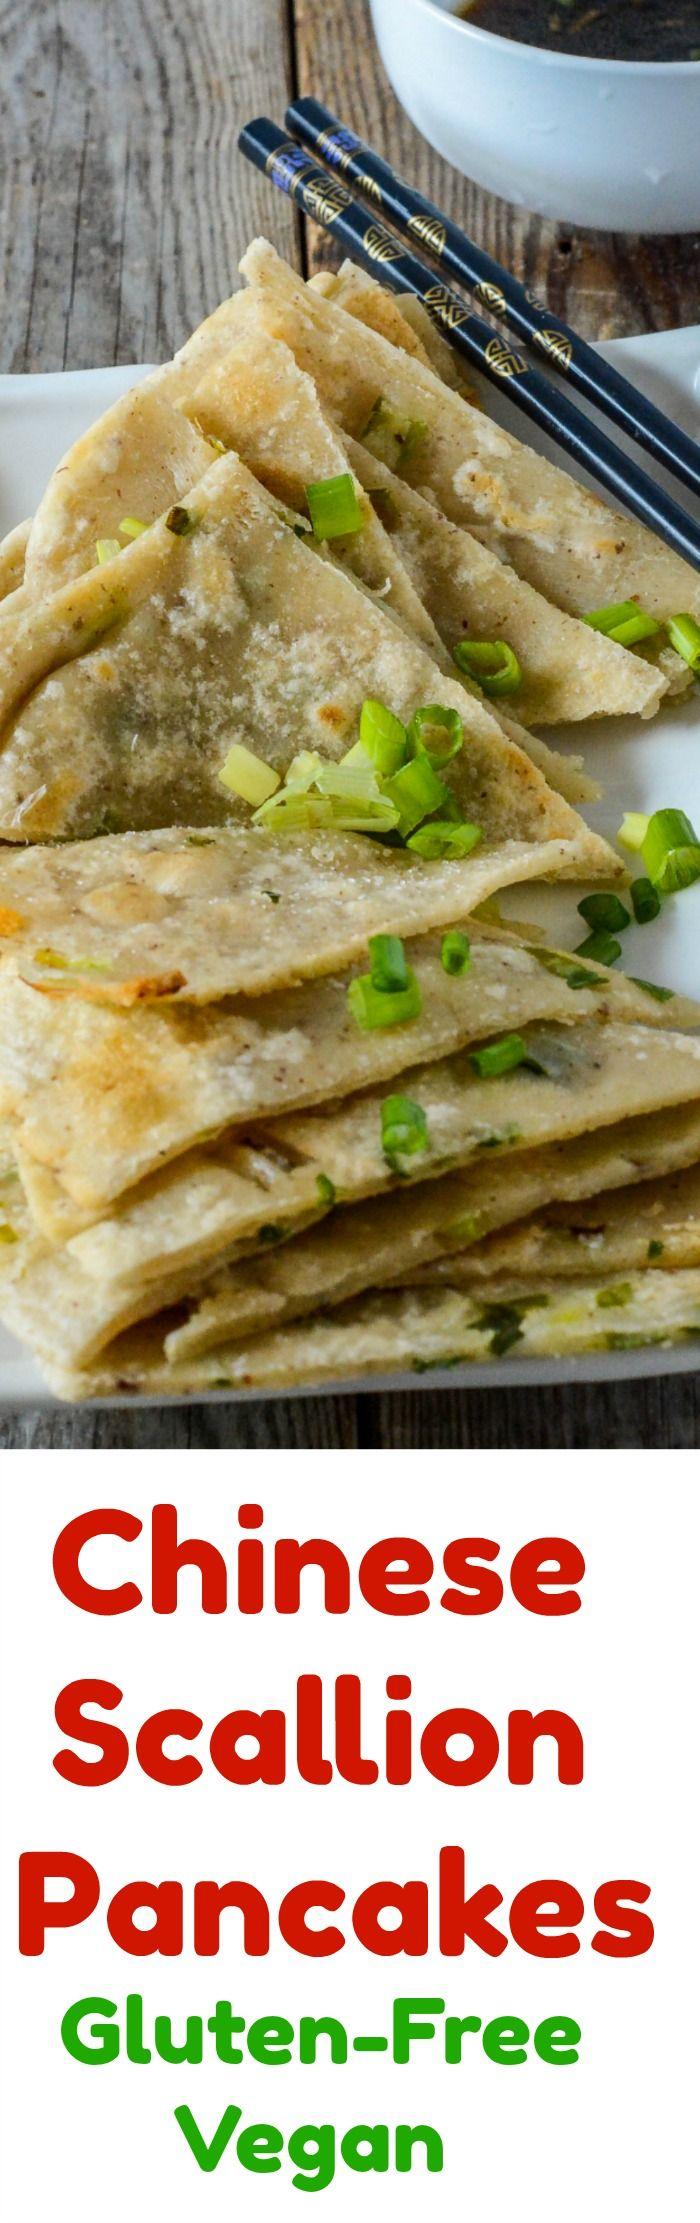 Chinese Scallion Pancakes via @healthiersteps